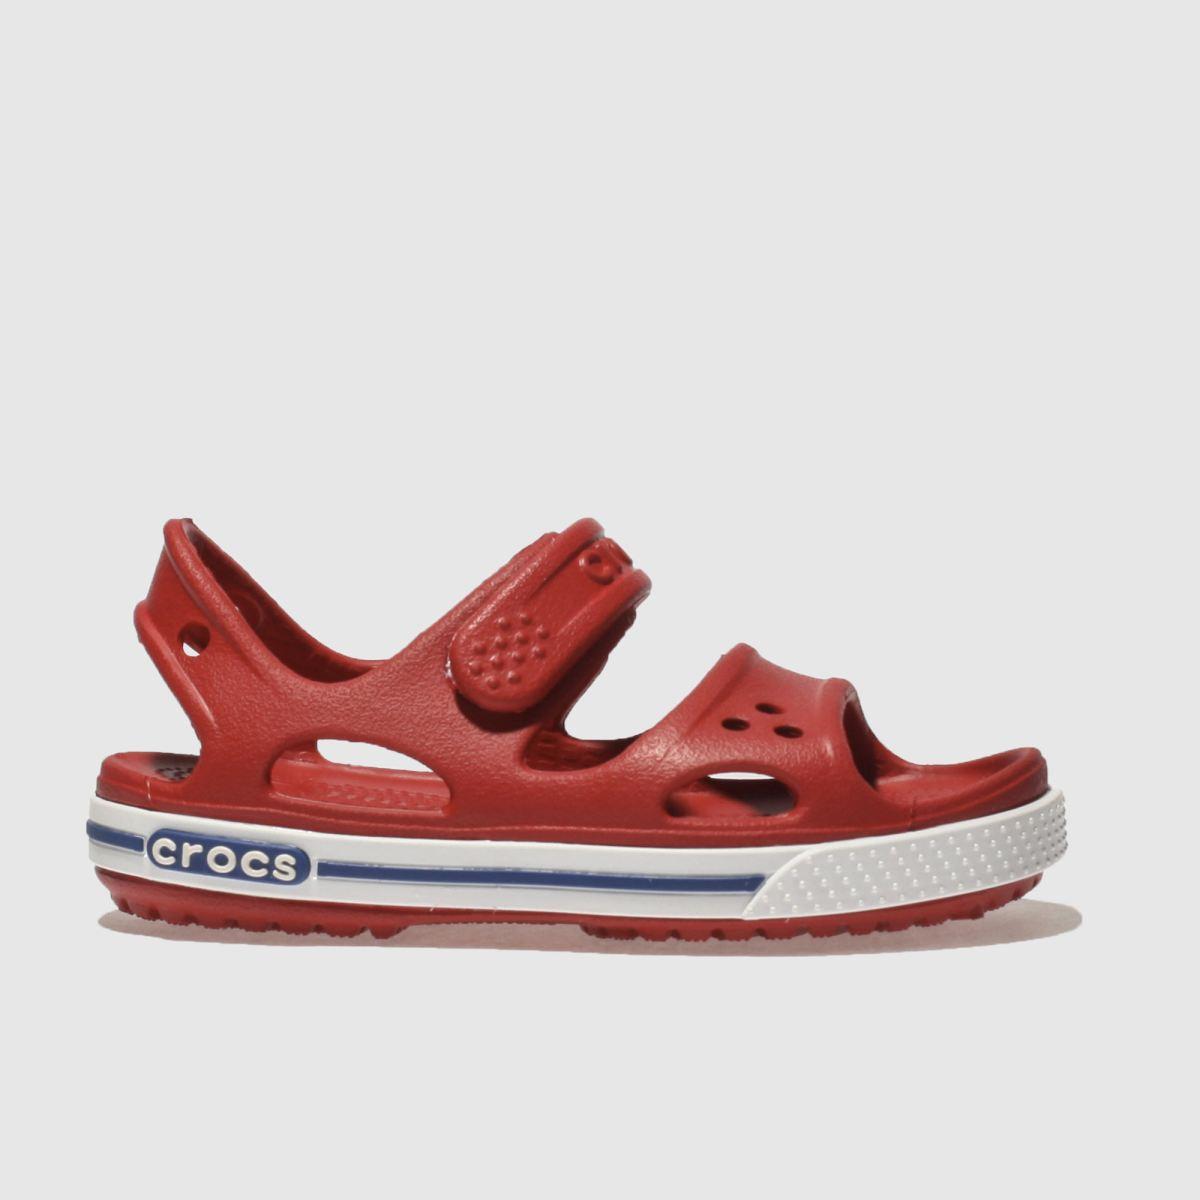 Crocs Crocs Red Crocband Ii Sandal Toddler Sandals